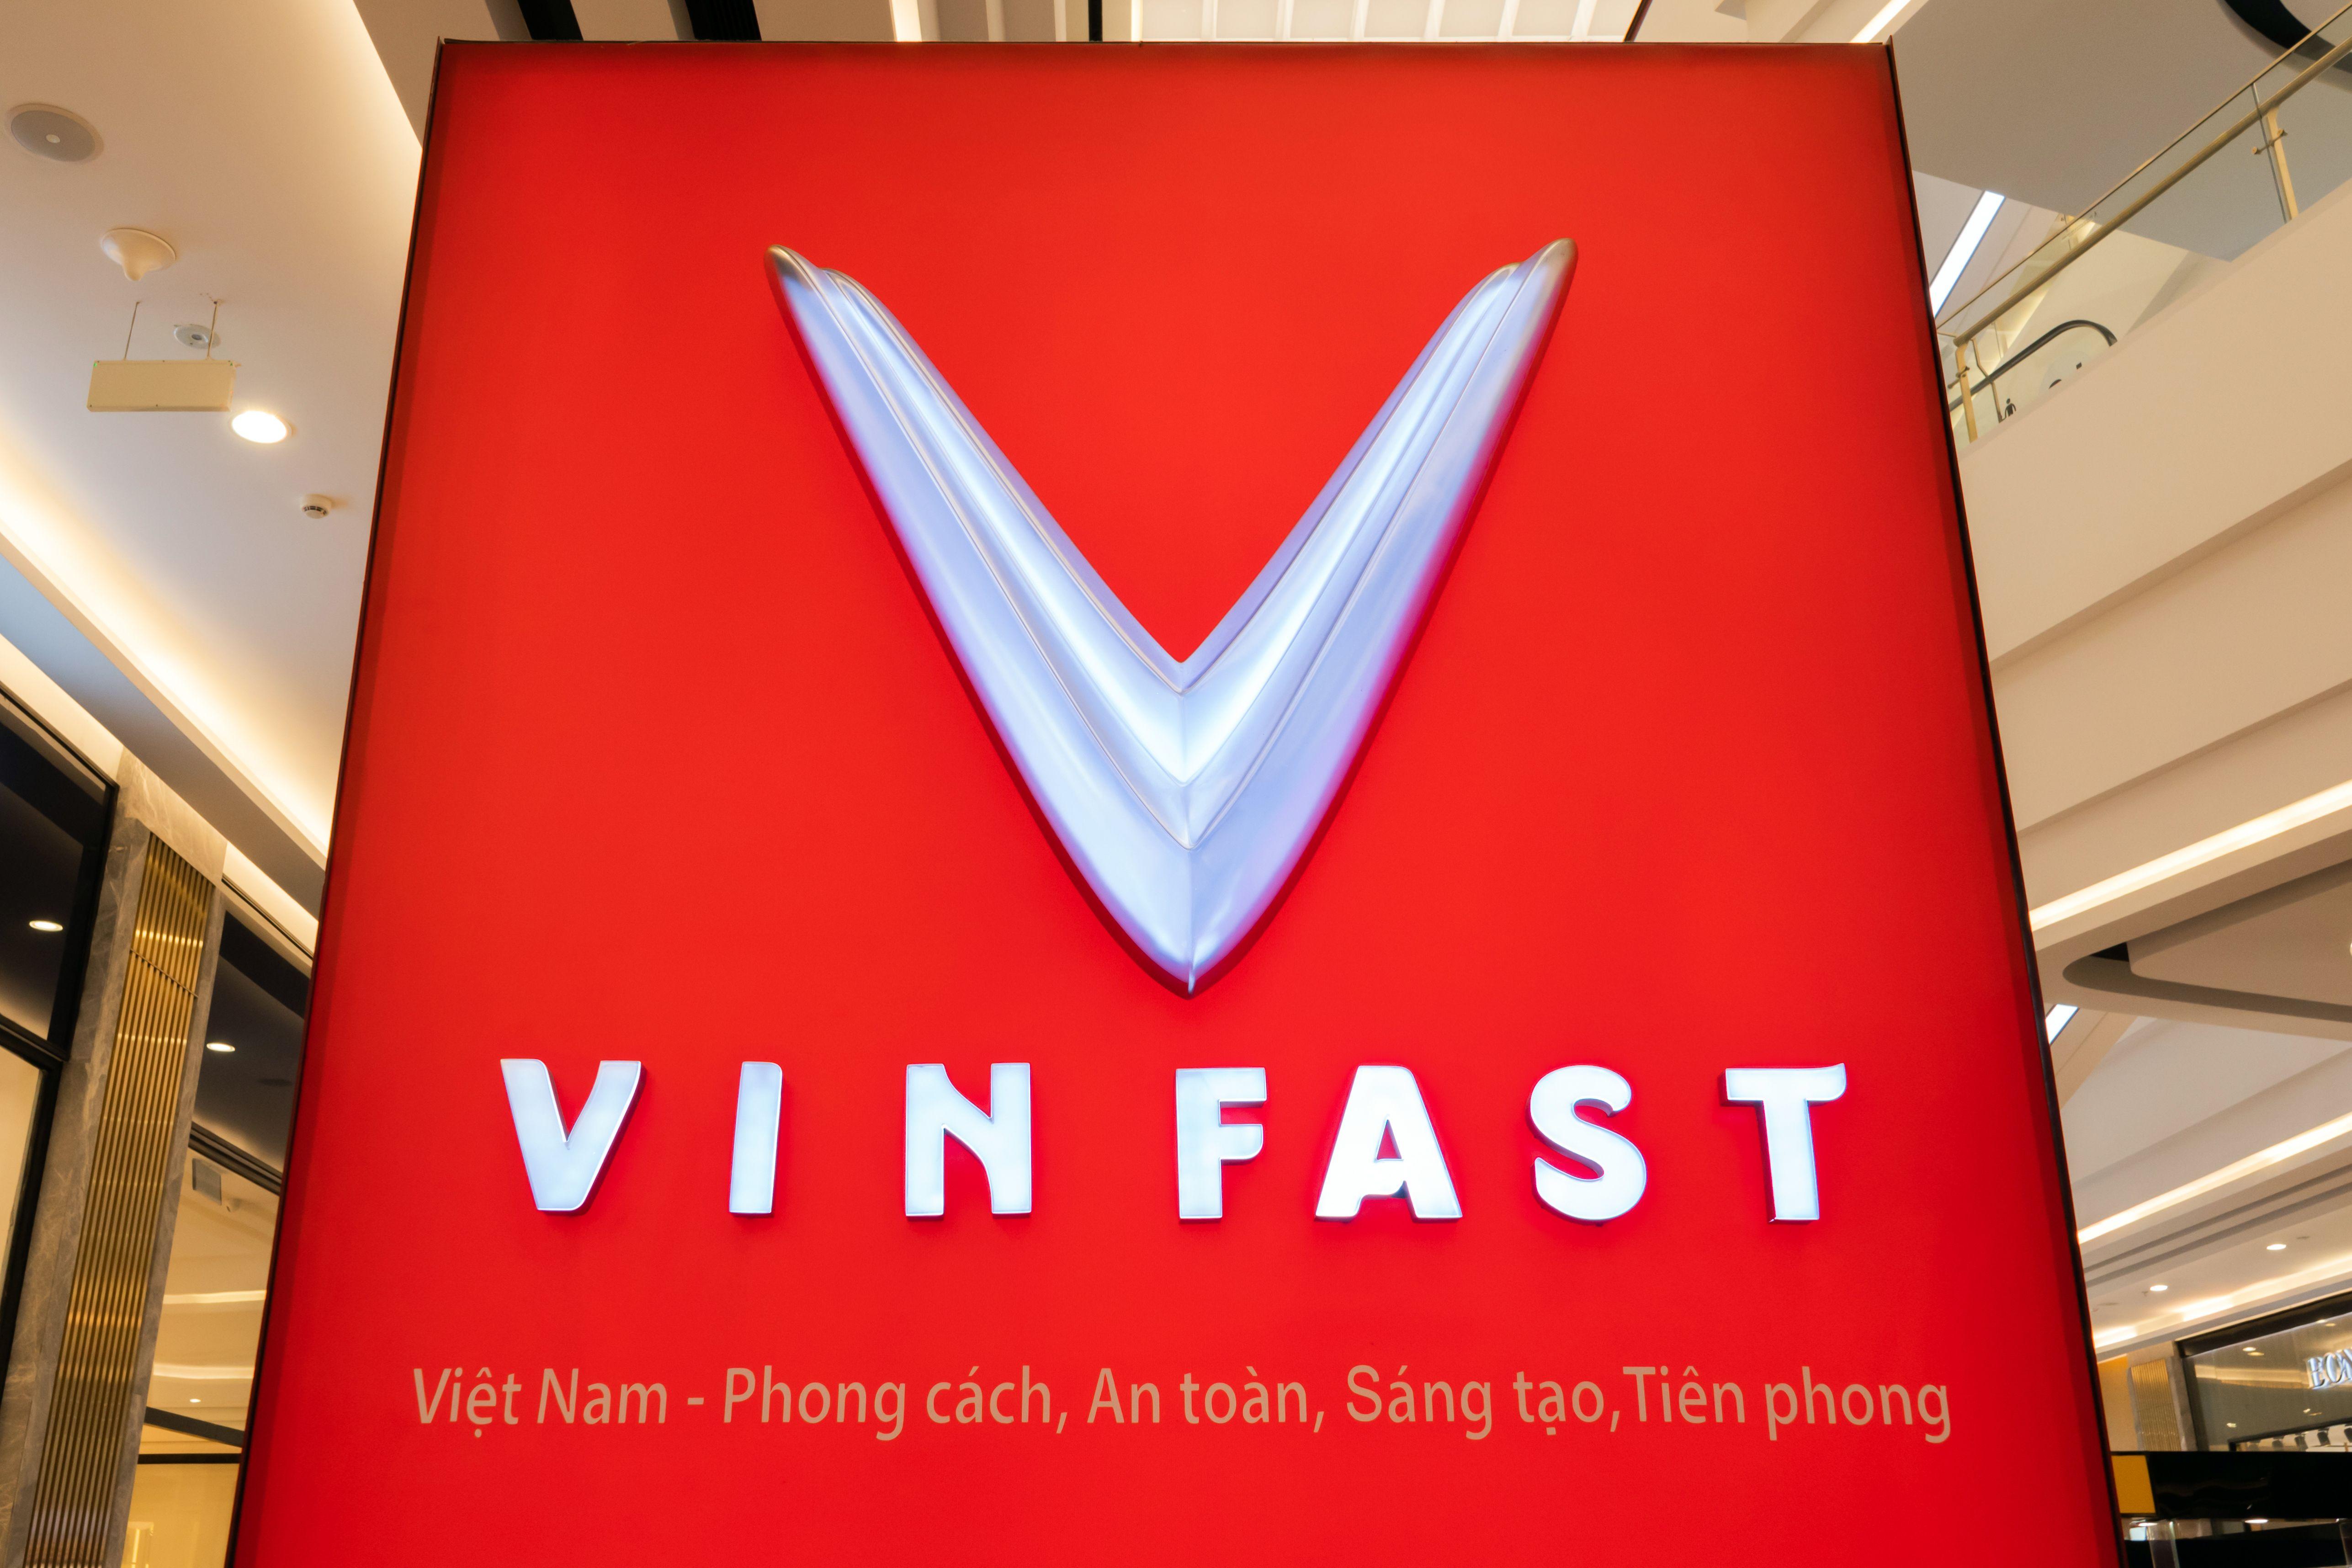 Marka Vinfast planuje śmiałą ekspansję (fot. Zapp2Photo / Shutterstock.com)